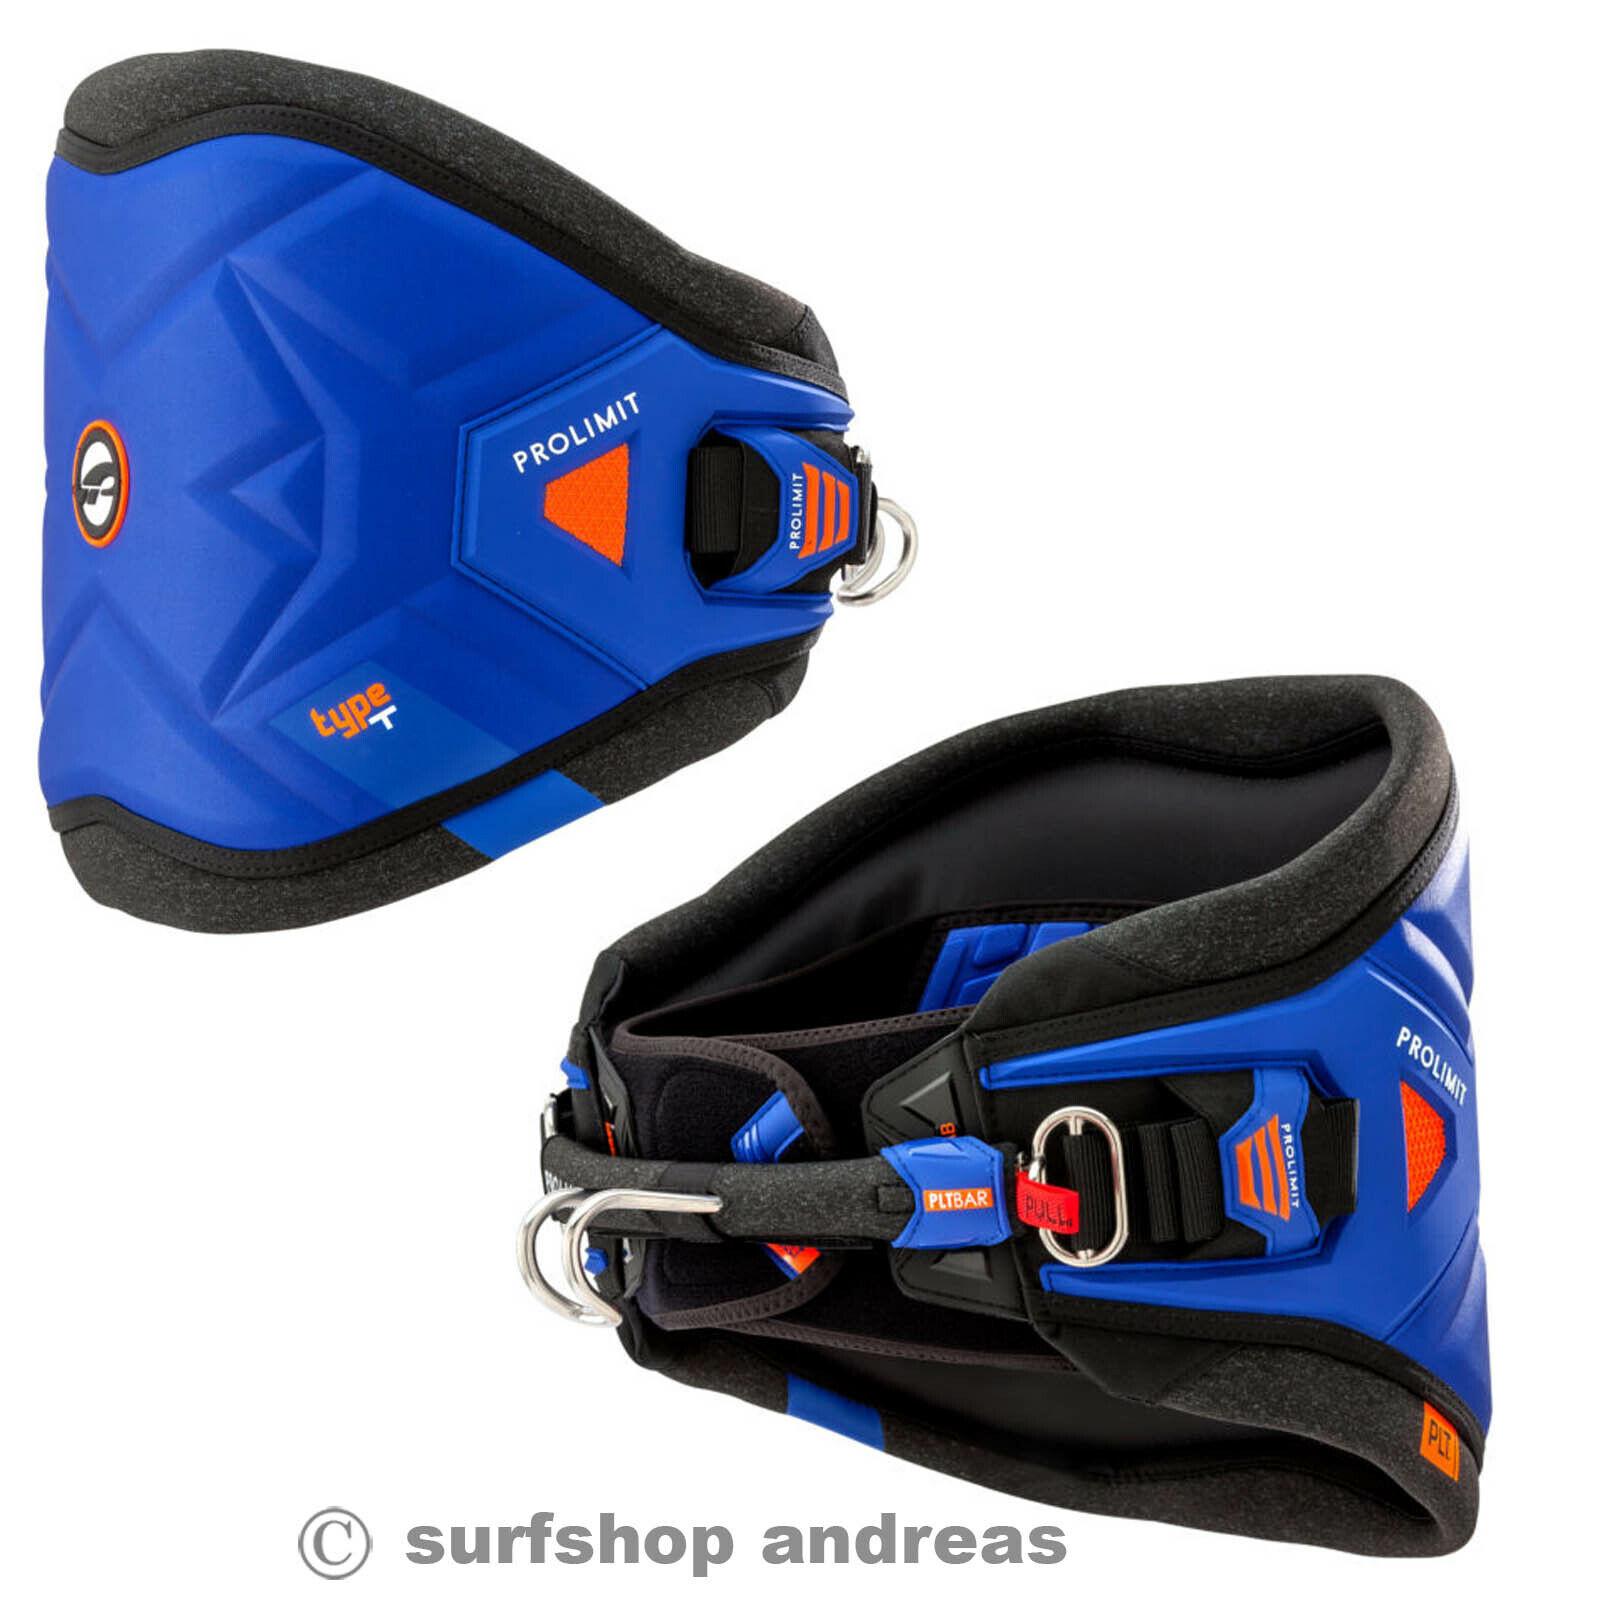 ProLimit Type T Windsurf Hüft Trapez harness S M L XL Blau 2019